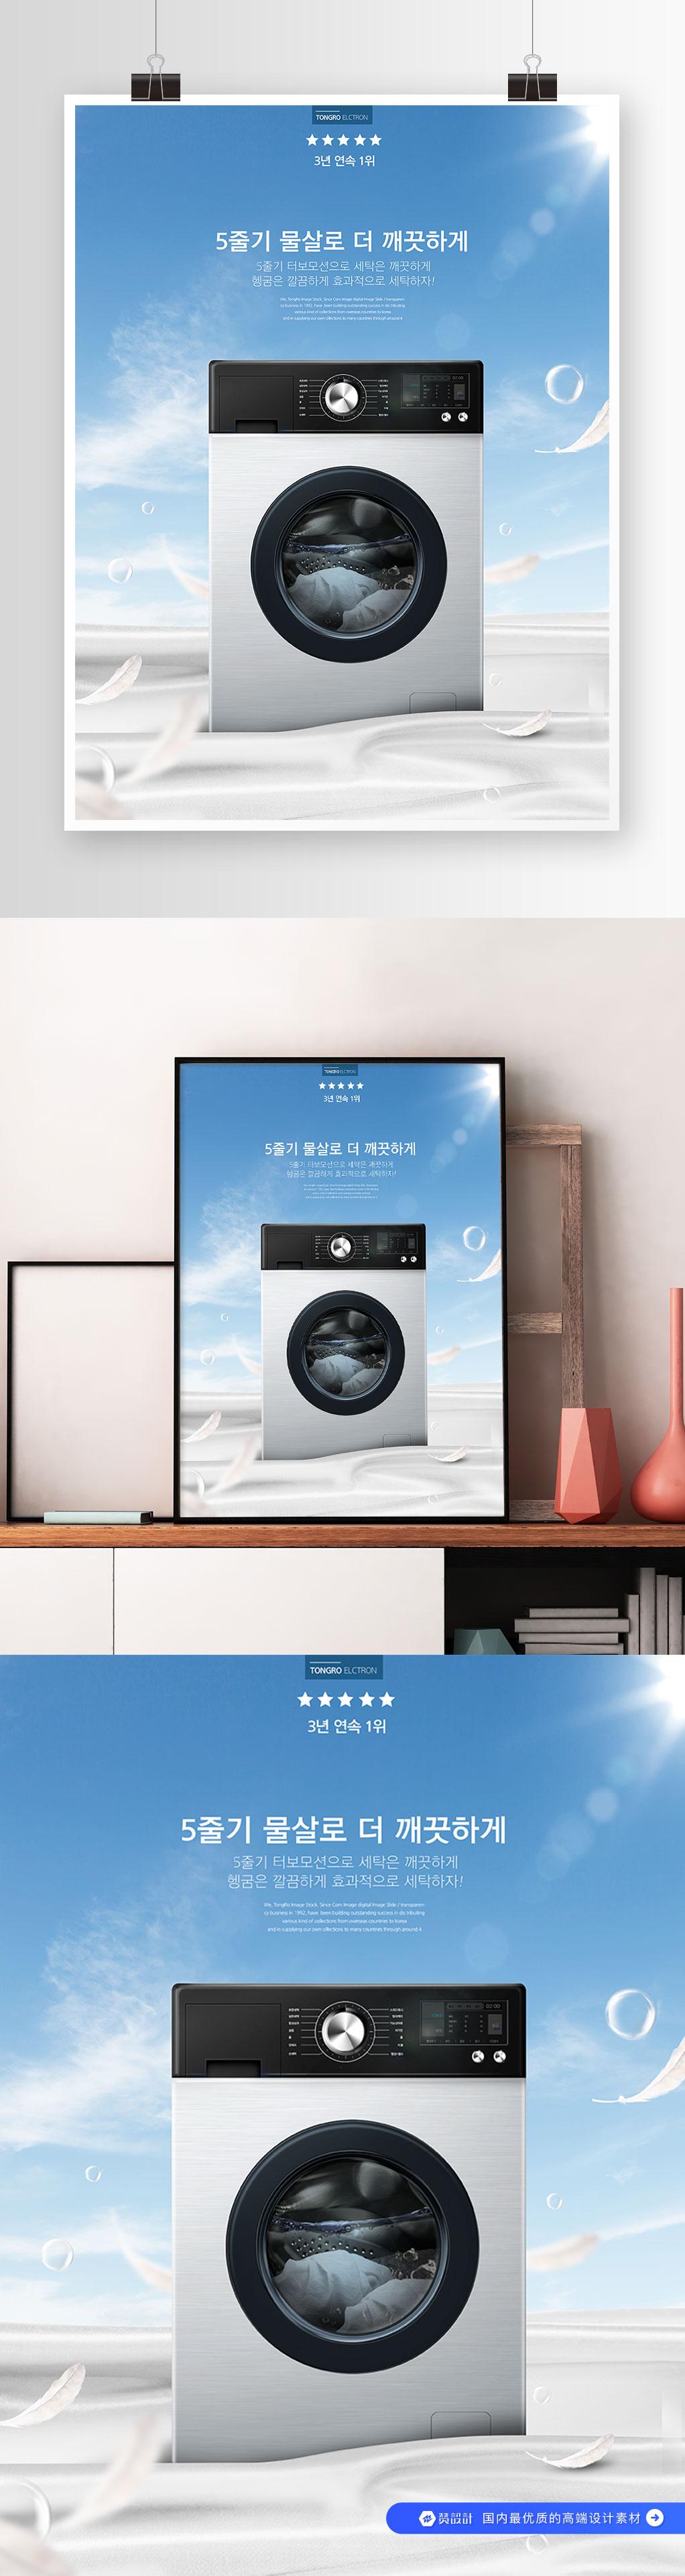 一步到位全自动洗衣机海报